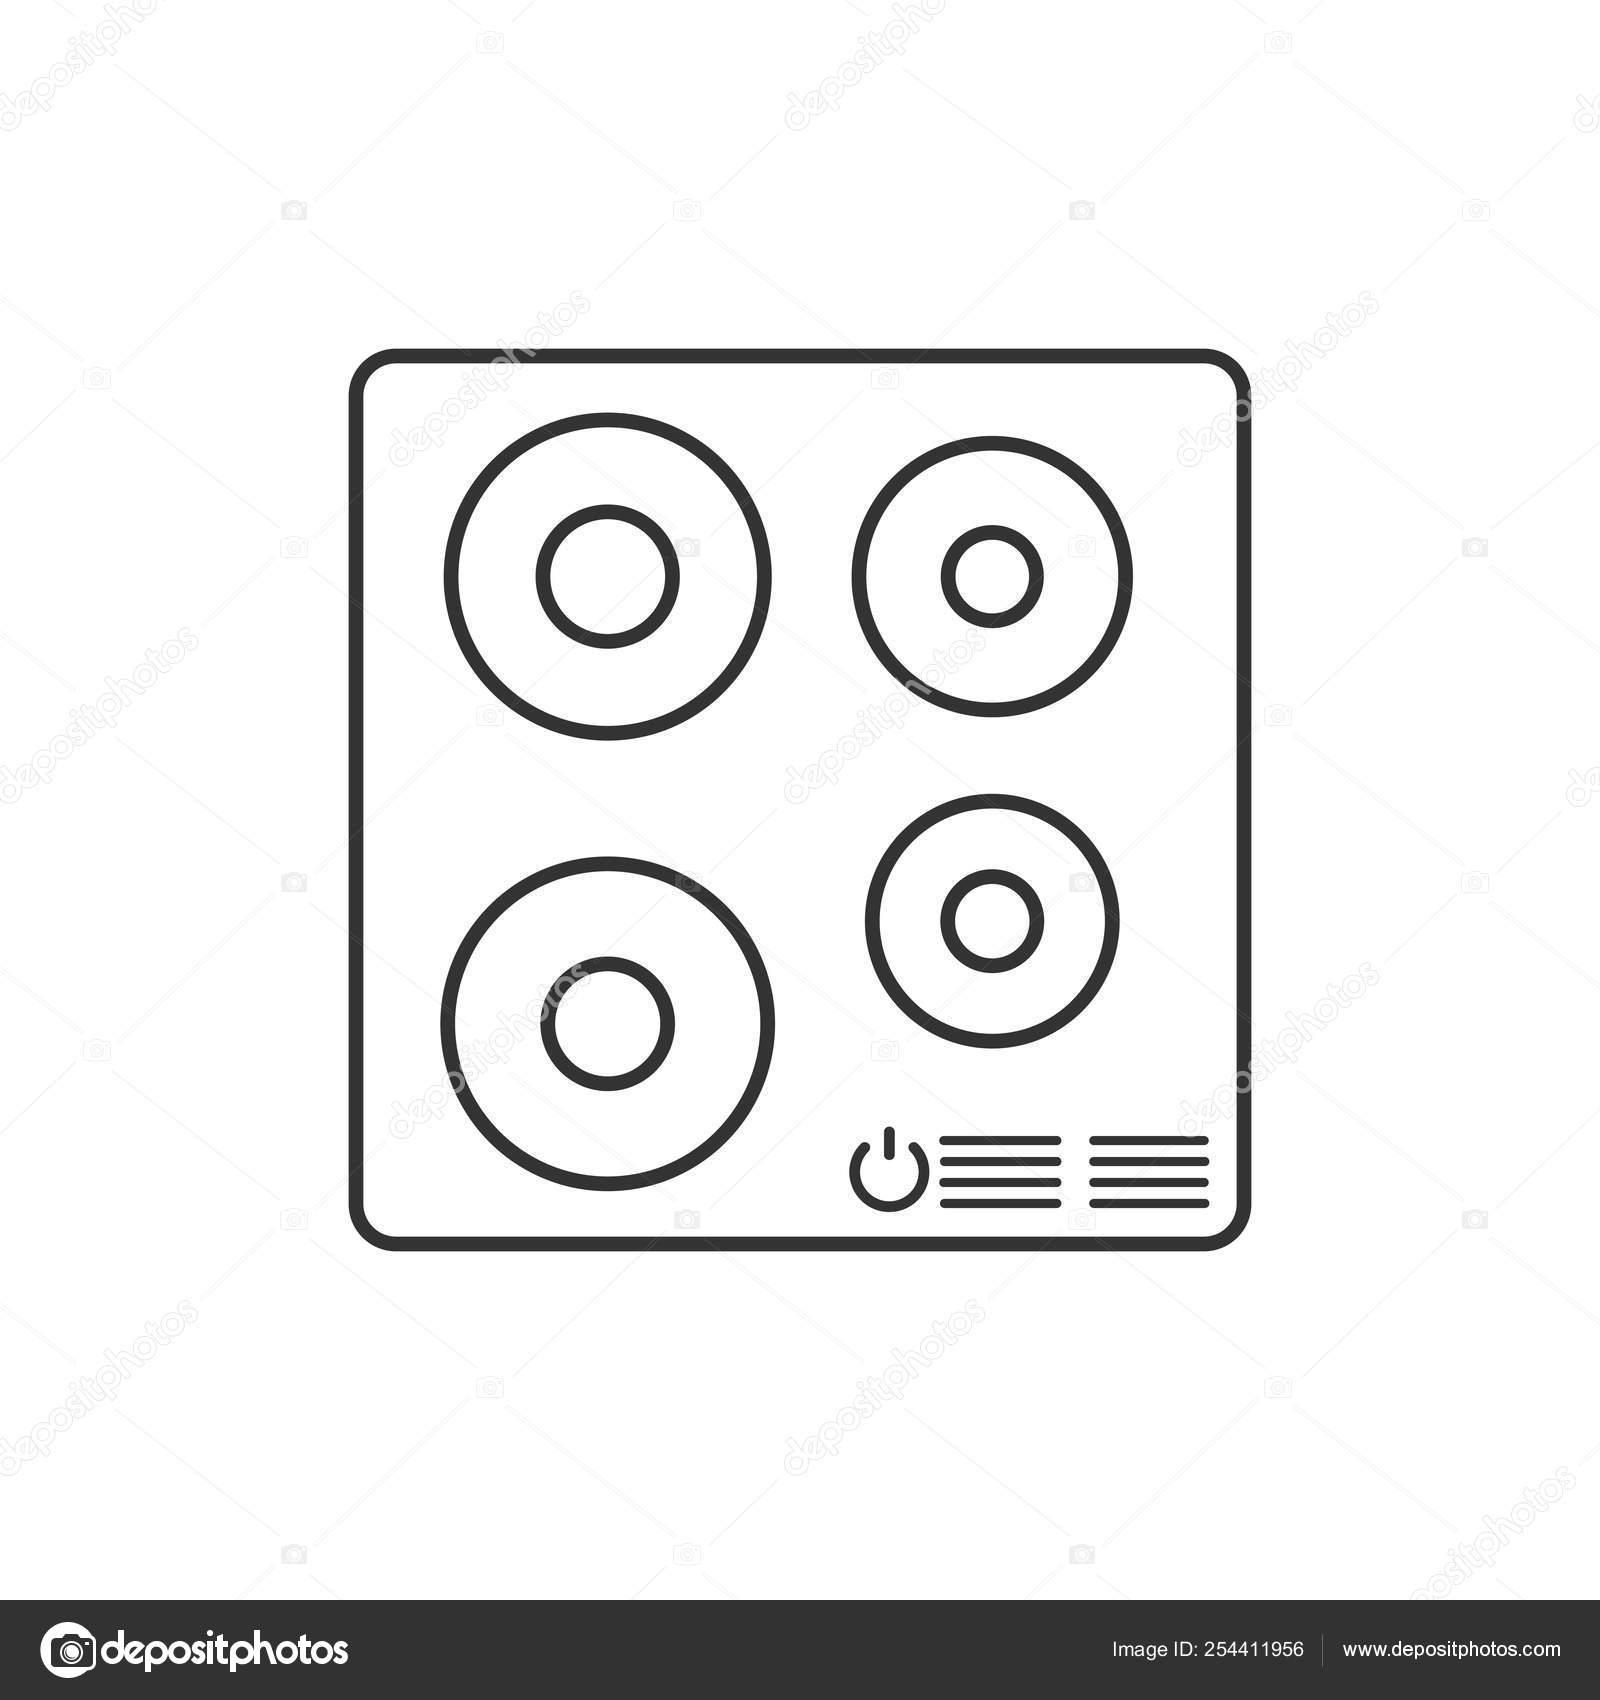 Indüksiyon ocak vektörler - Sayfa 2   Indüksiyon ocak vektör çizimler,  vektörel grafik